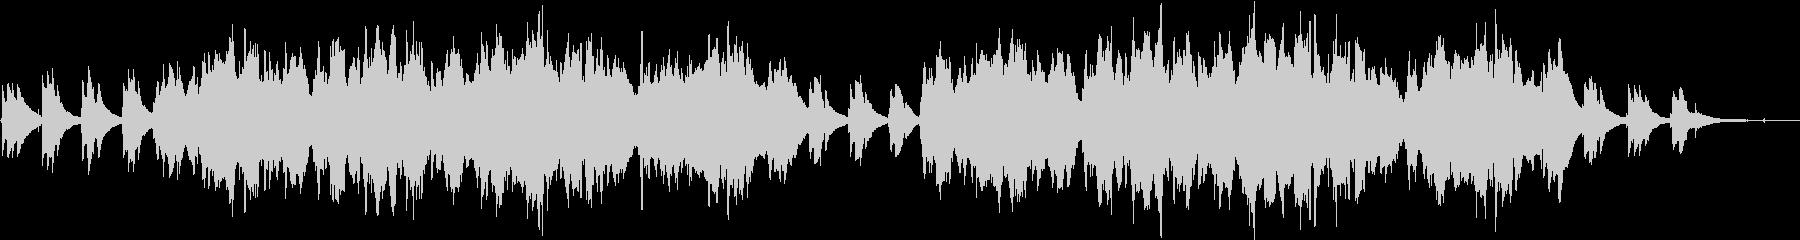 サリーガーデン/バイオリン/ケルト生演奏の未再生の波形